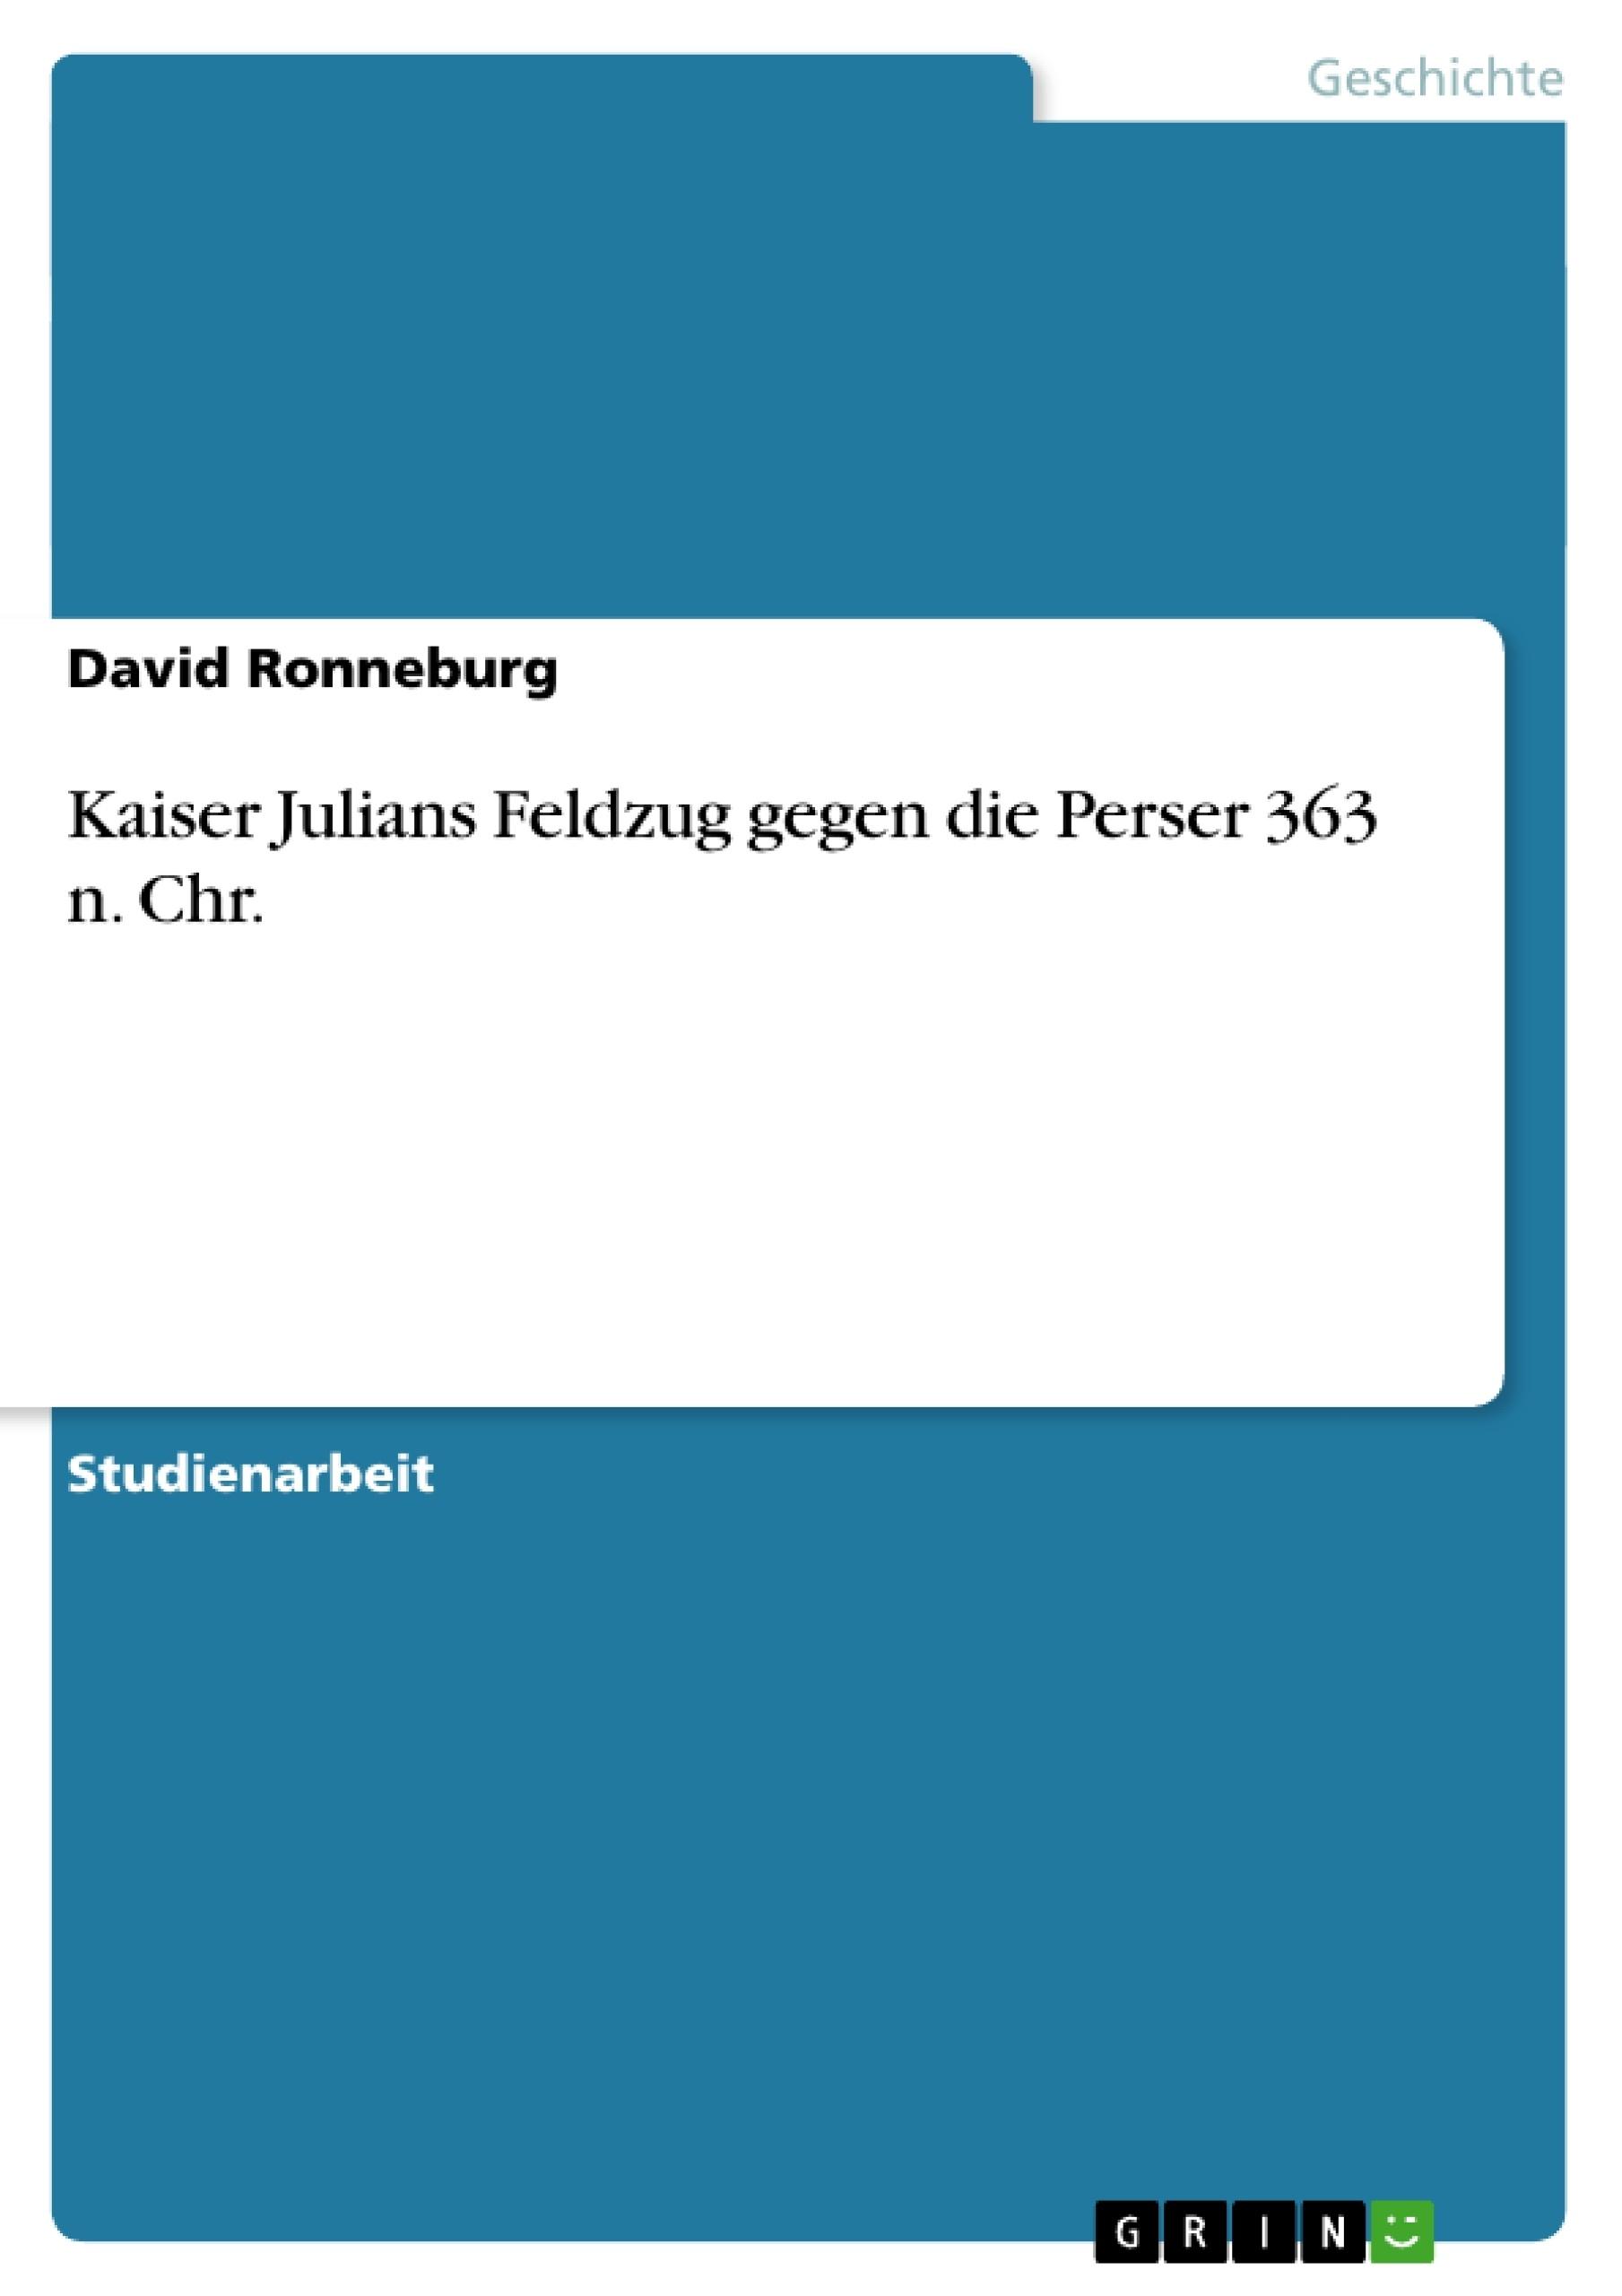 Titel: Kaiser Julians Feldzug gegen die Perser 363 n. Chr.